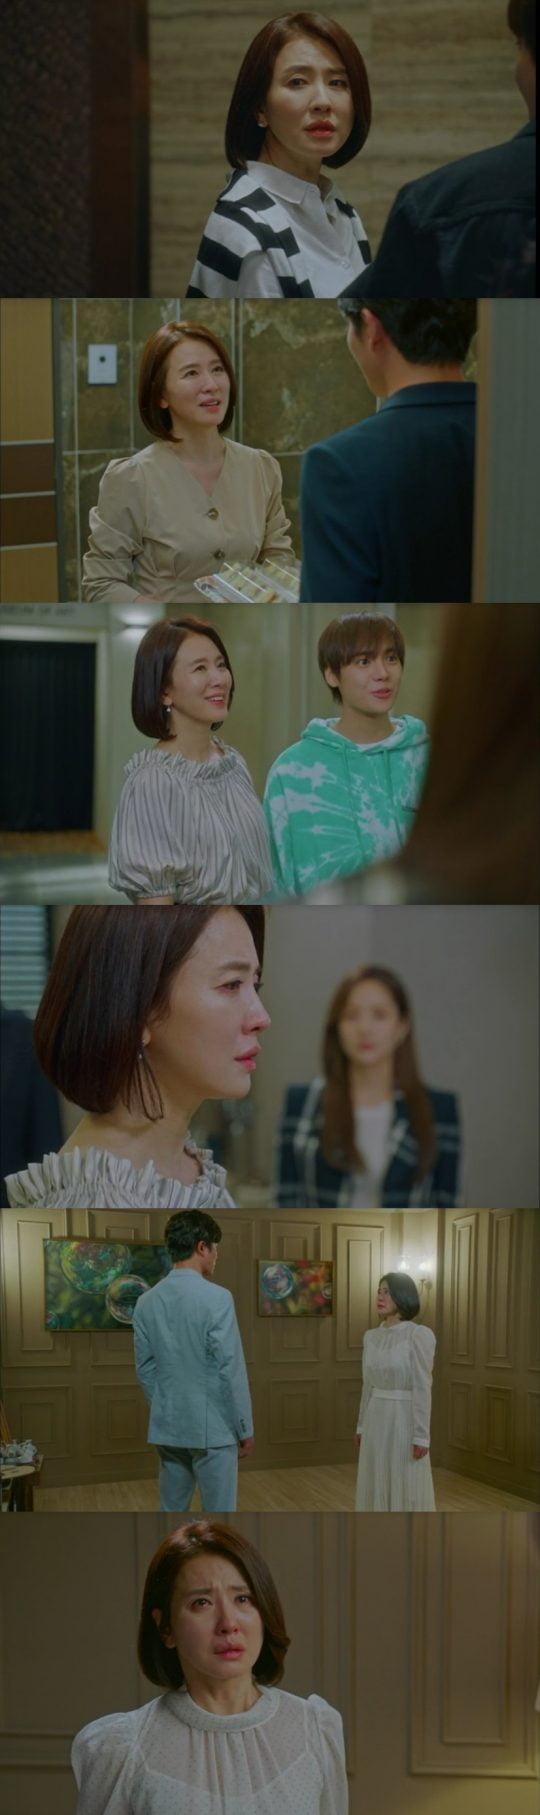 '그녀의 사생활' 방송 화면./사진제공=tvN